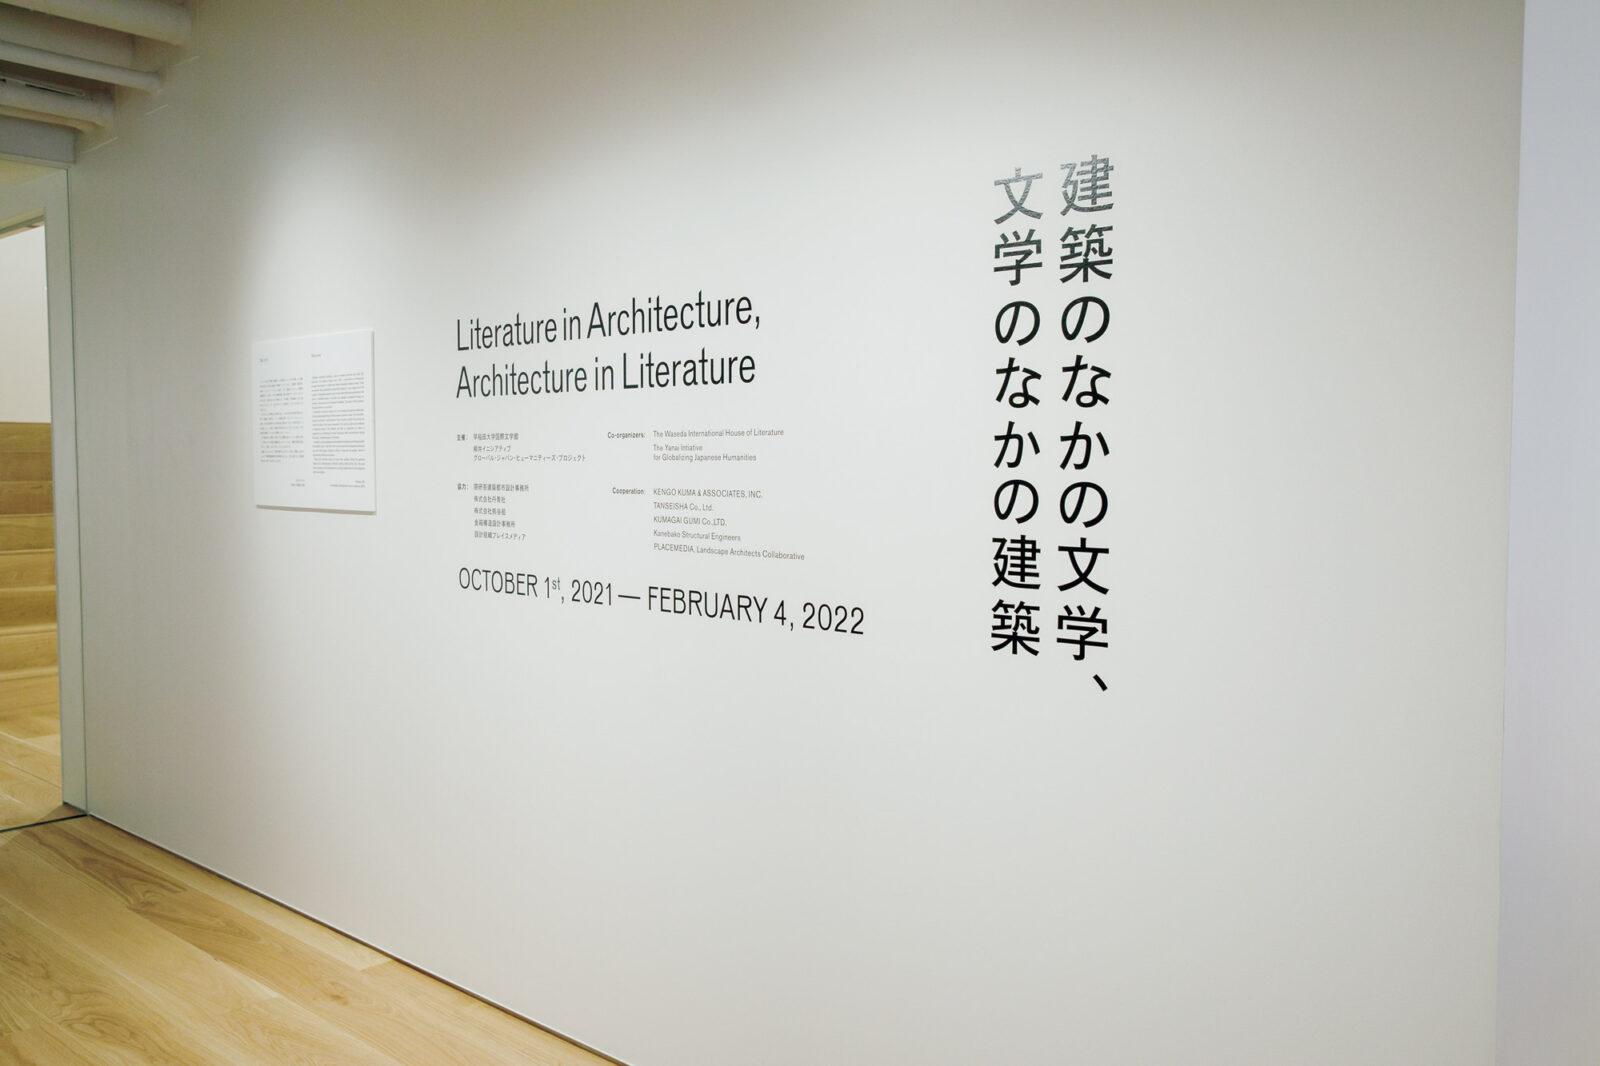 2階展示室。早稲田大学国際文学館の企画により、村上作品のみにとどまらず幅広い展示を行っていく予定。第1弾は建築と文学について。